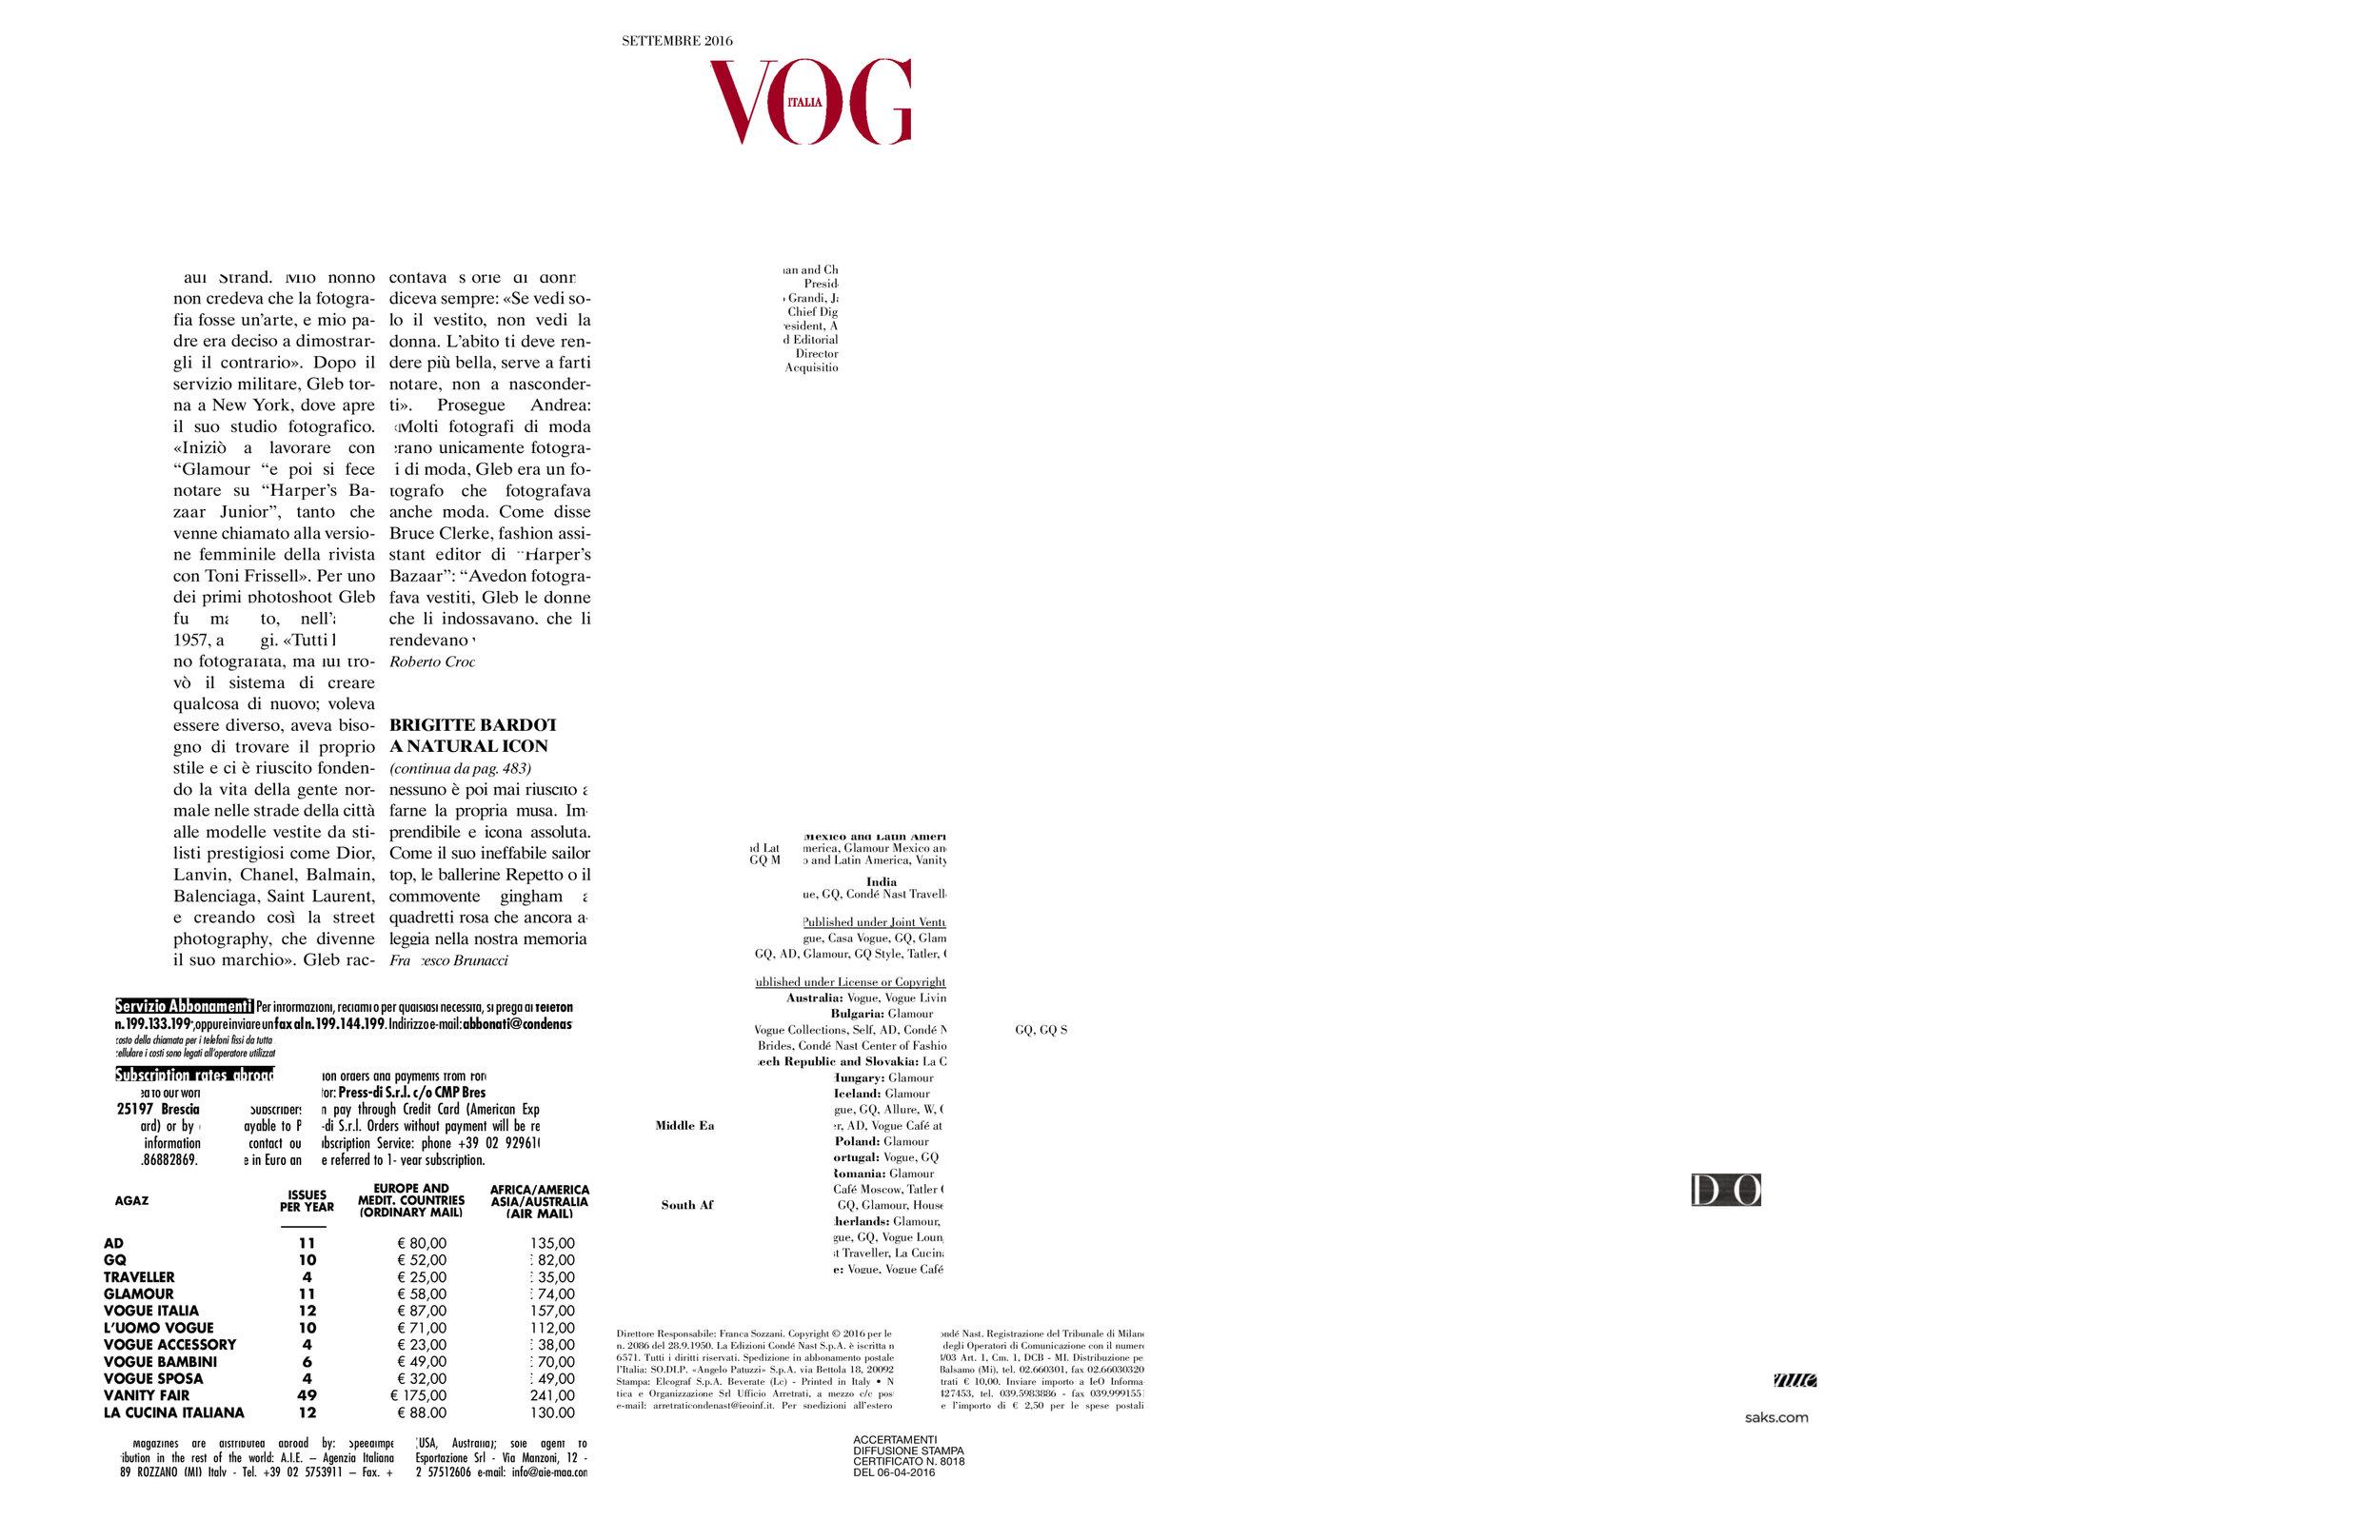 vogue291.jpg